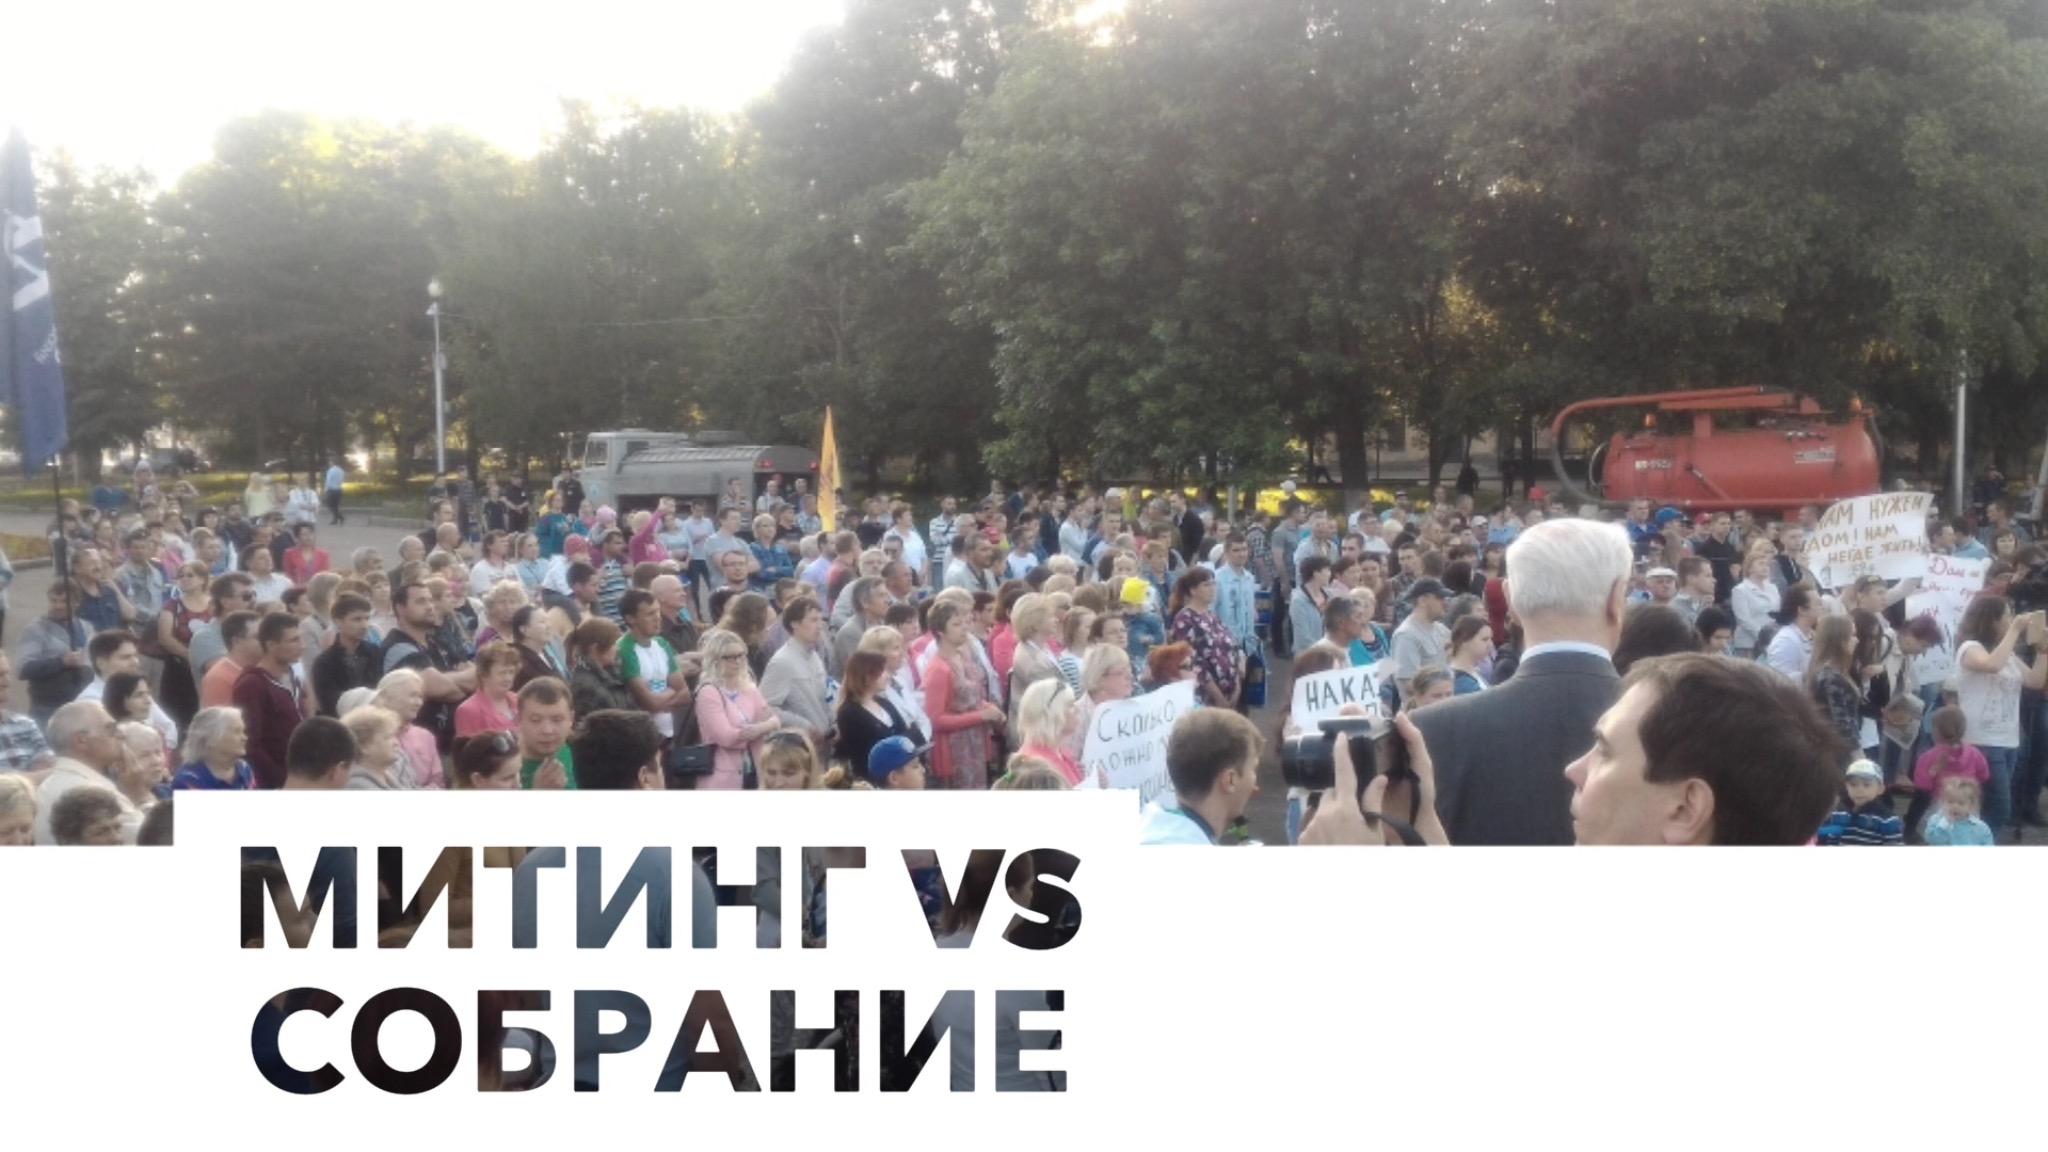 Митинг VS Собрание